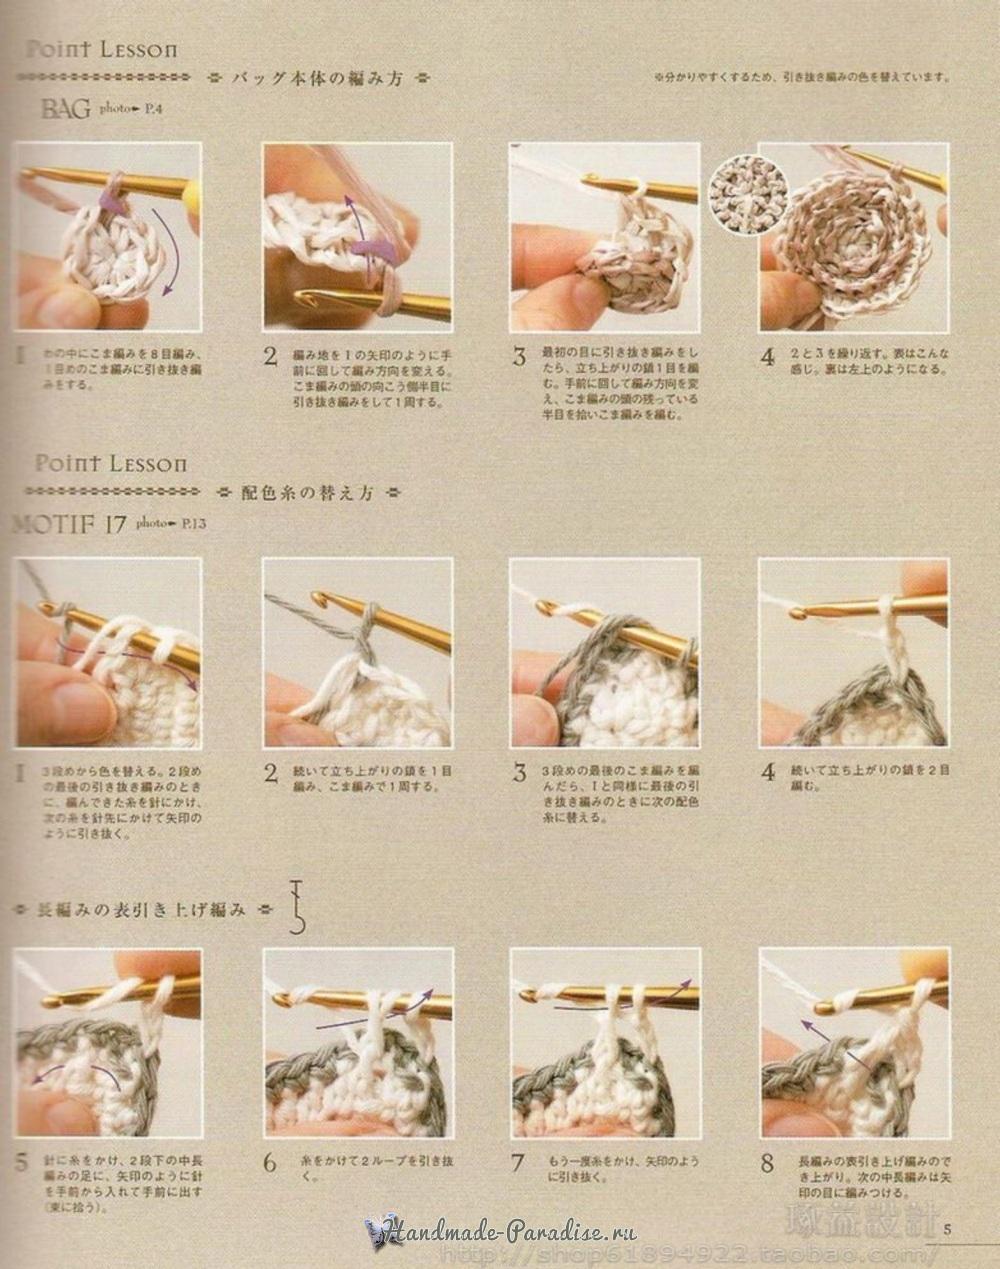 Вязание сумок из полиэтиленовой пряжи. Японский журнал (4)